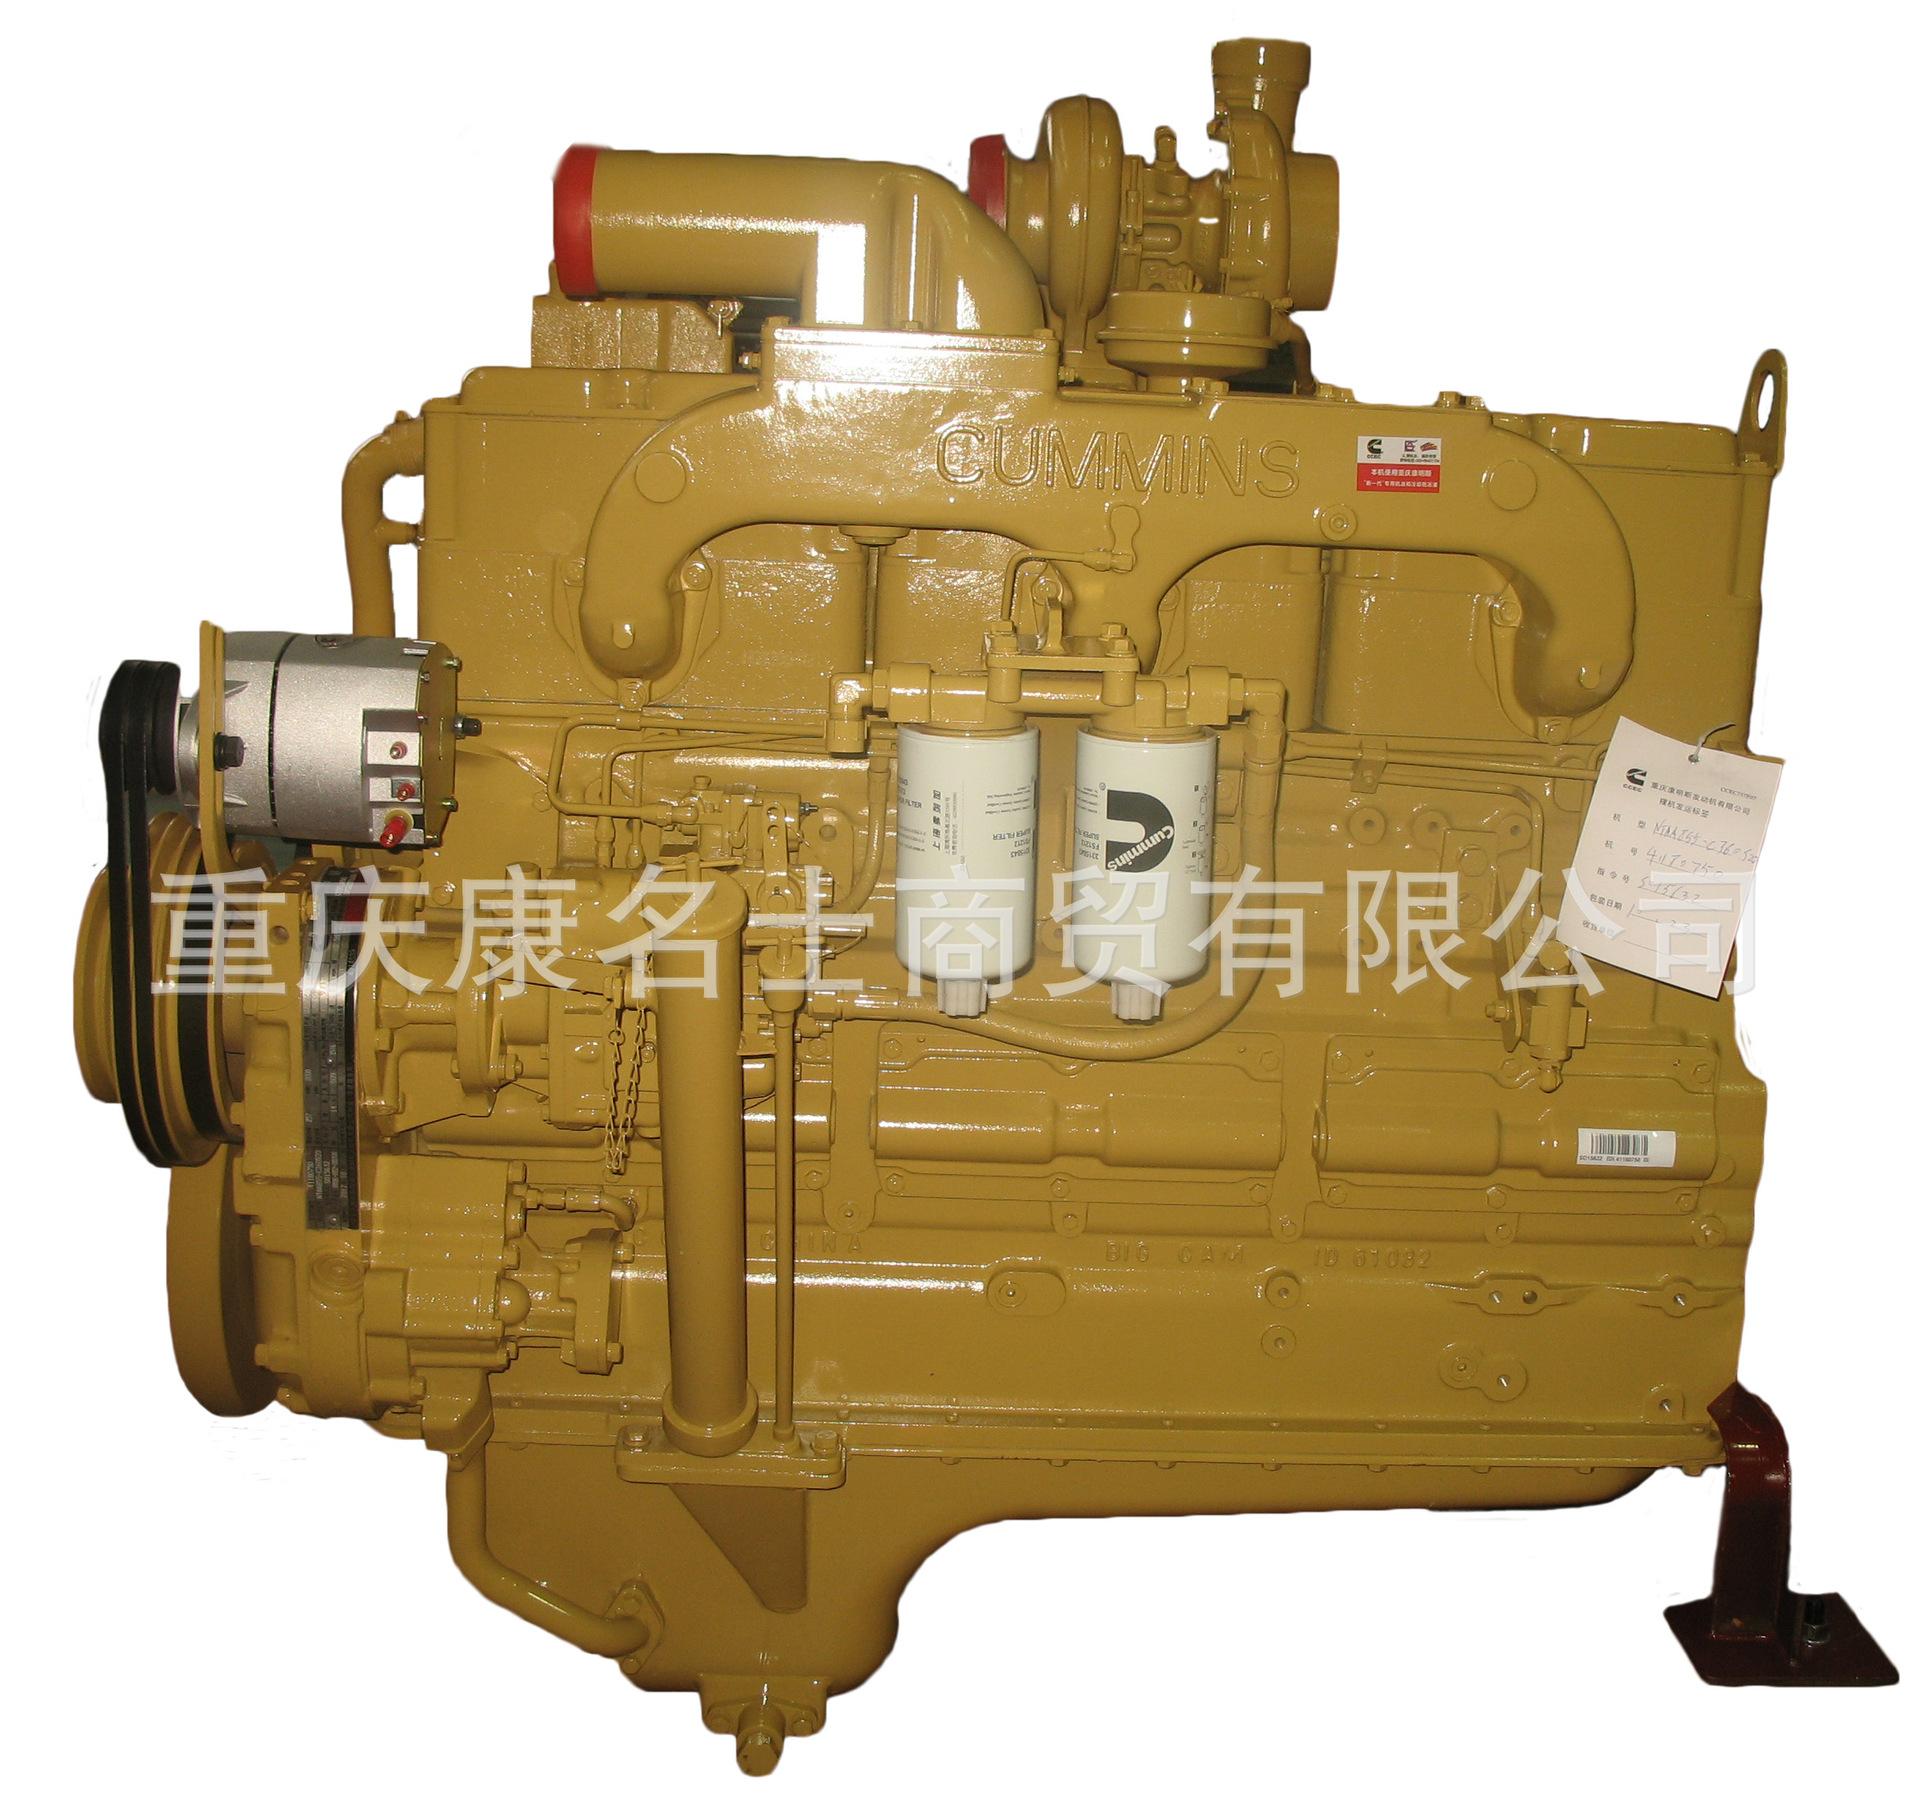 3059970康明斯风扇轮毂FOR.315 (BCV)发动机配件厂价优惠